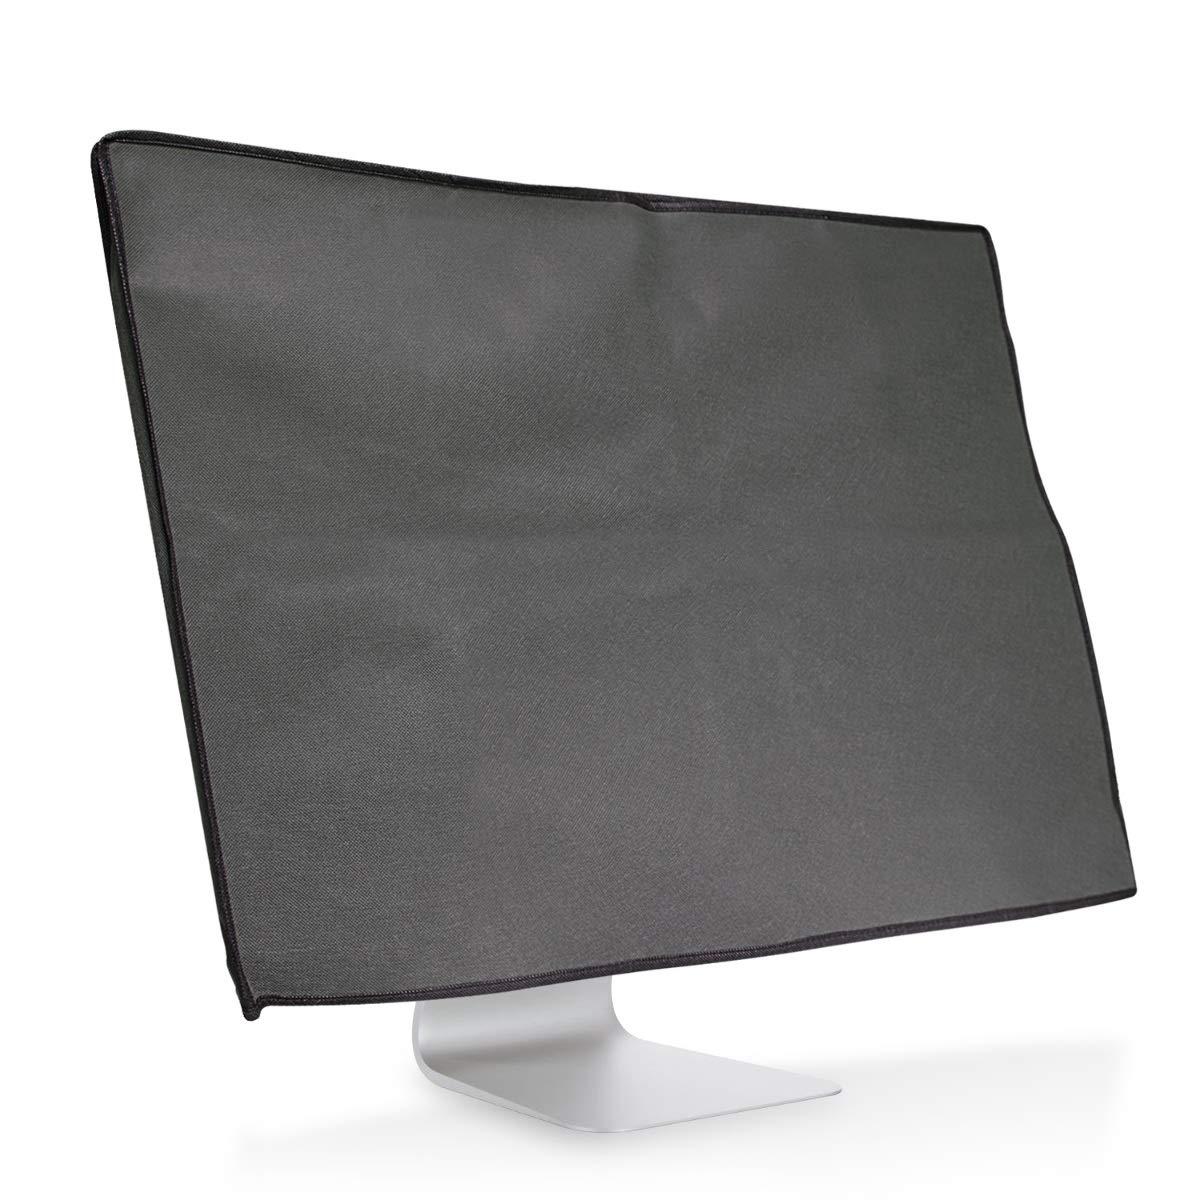 kwmobile Funda para monitor Monitor de 20-22' - Cubierta [anti polvo] para pantalla - Protector con diseñ o Don't touch my Screen 43617.01